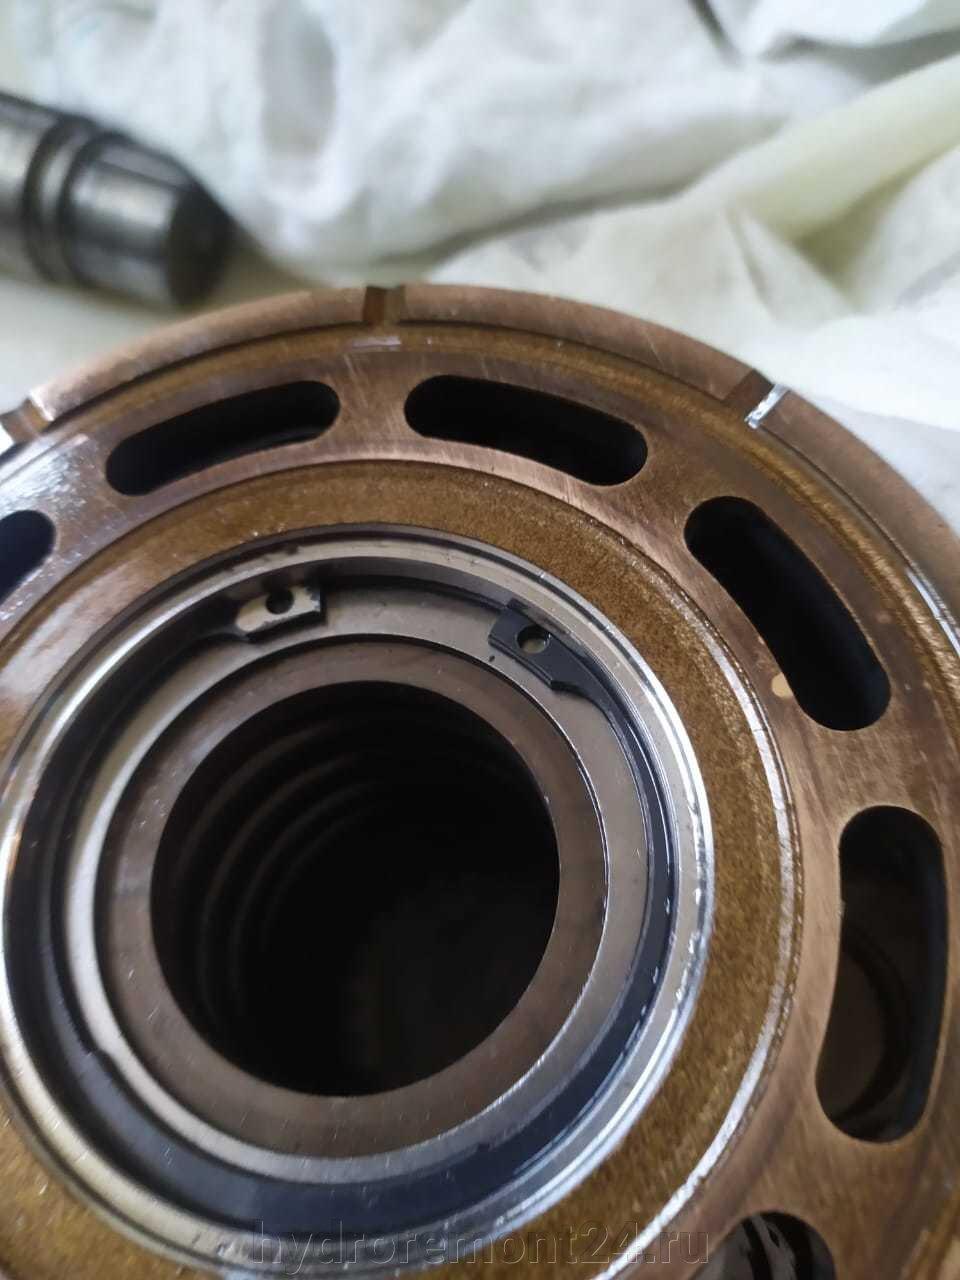 Ремонт гидромоторов спецтехники - фото pic_58240e15407366edaa9f8035cdd00eab_1920x9000_1.jpg